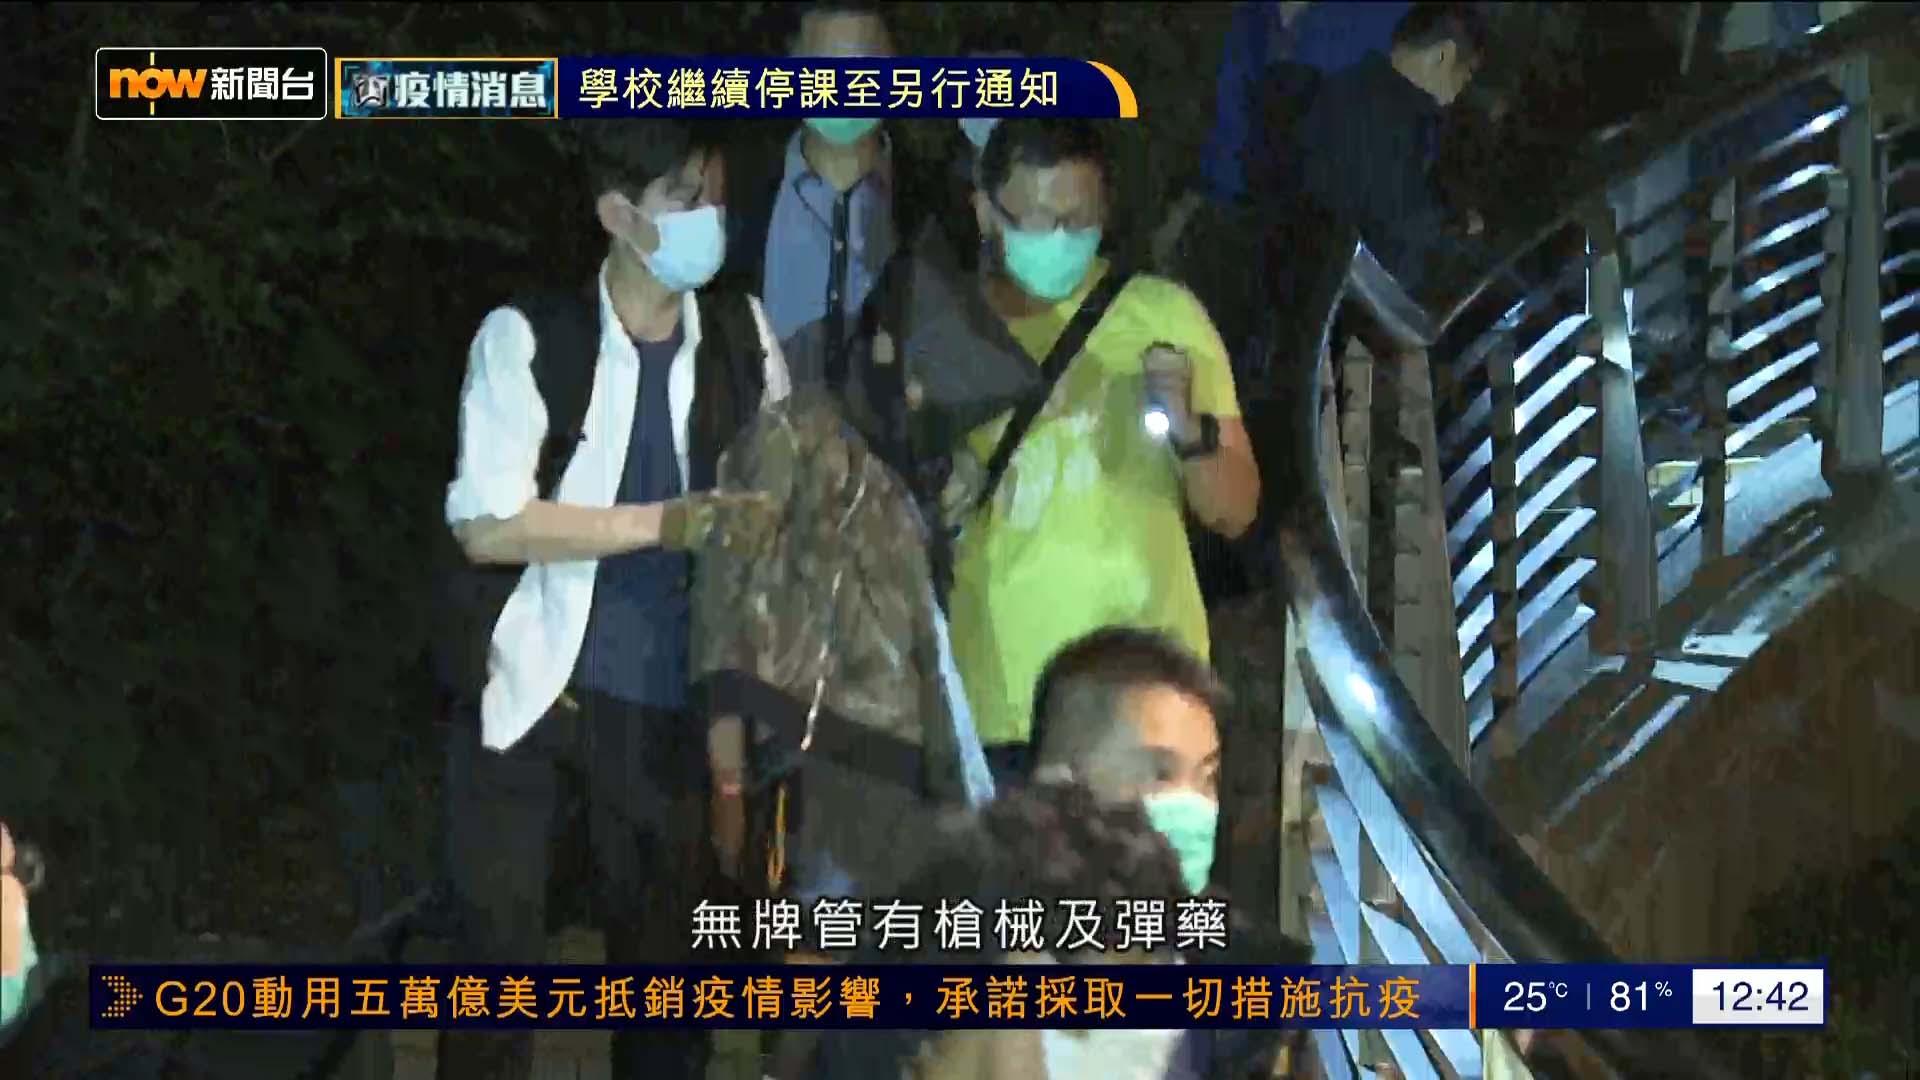 警方小西灣拘三漢 疑有人圖製手槍及步槍子彈